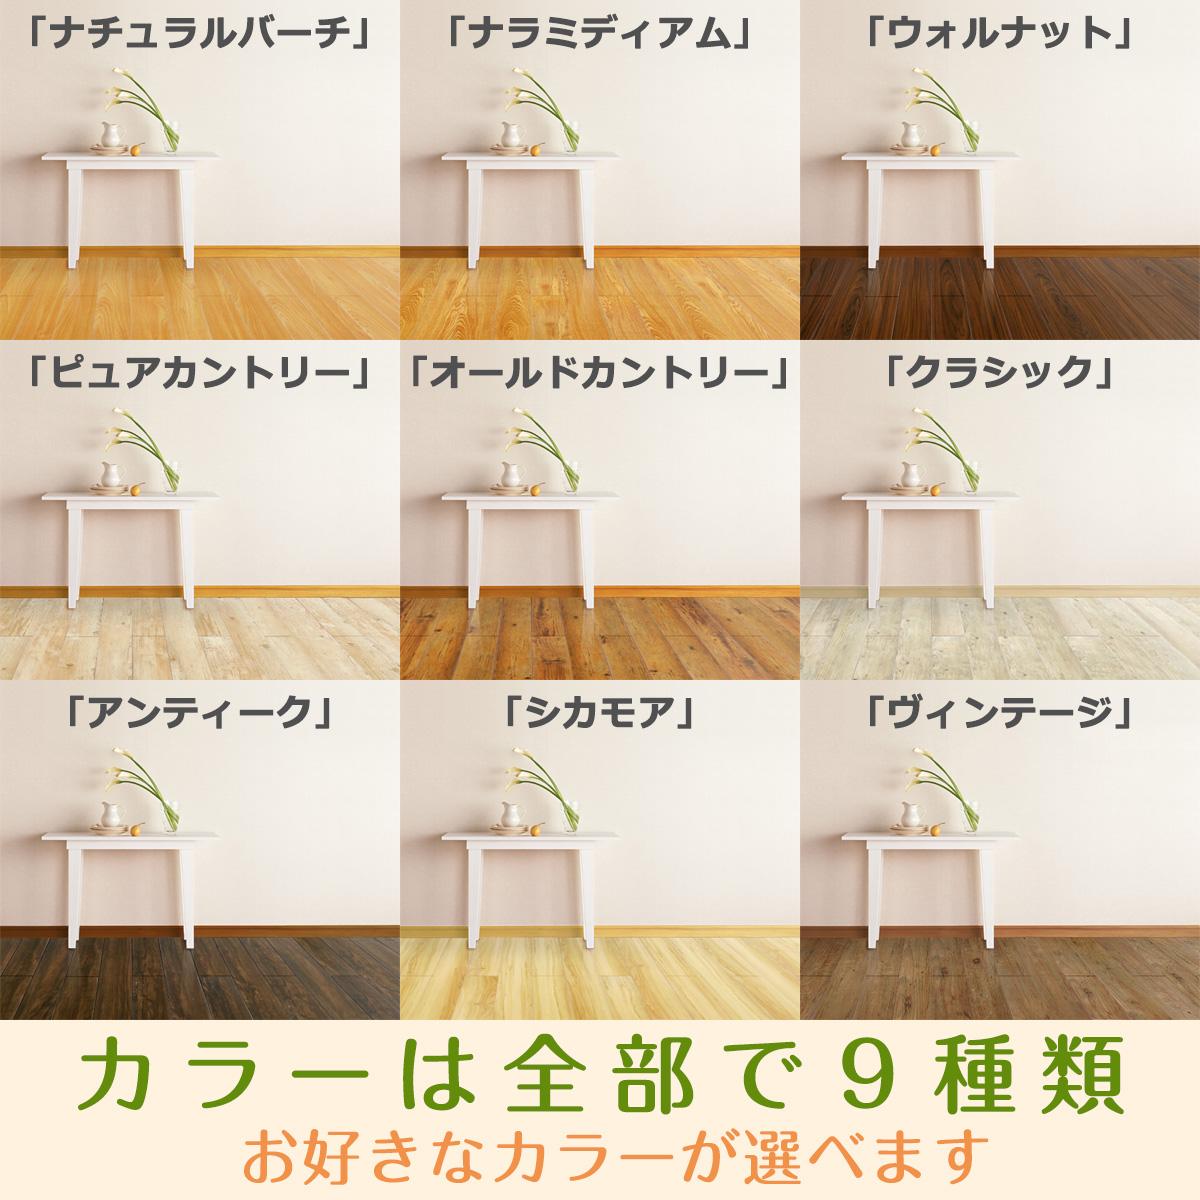 カラーは全部で10種類 お好きなカラーが選べます